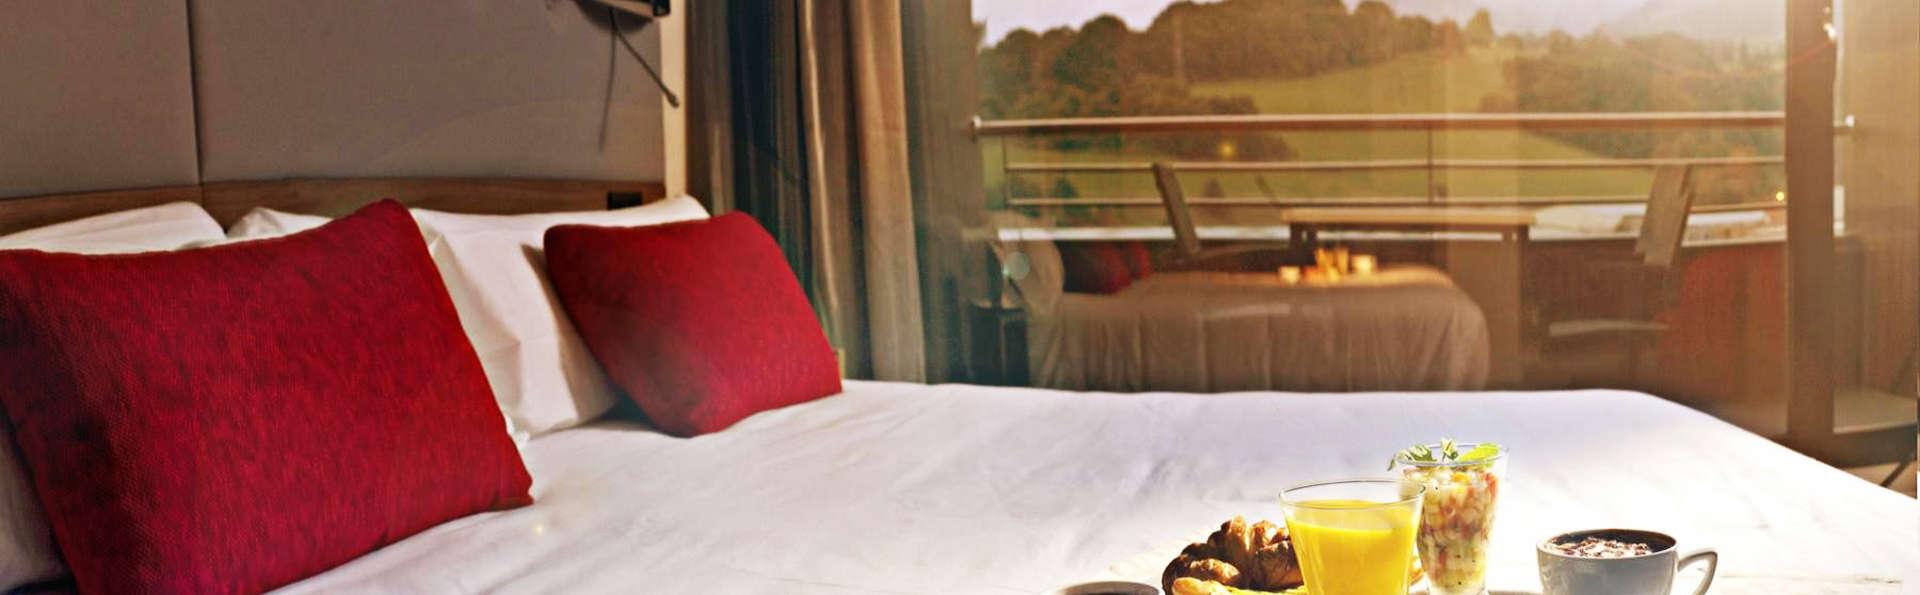 Hotel K10 - EDIT_room2.jpg